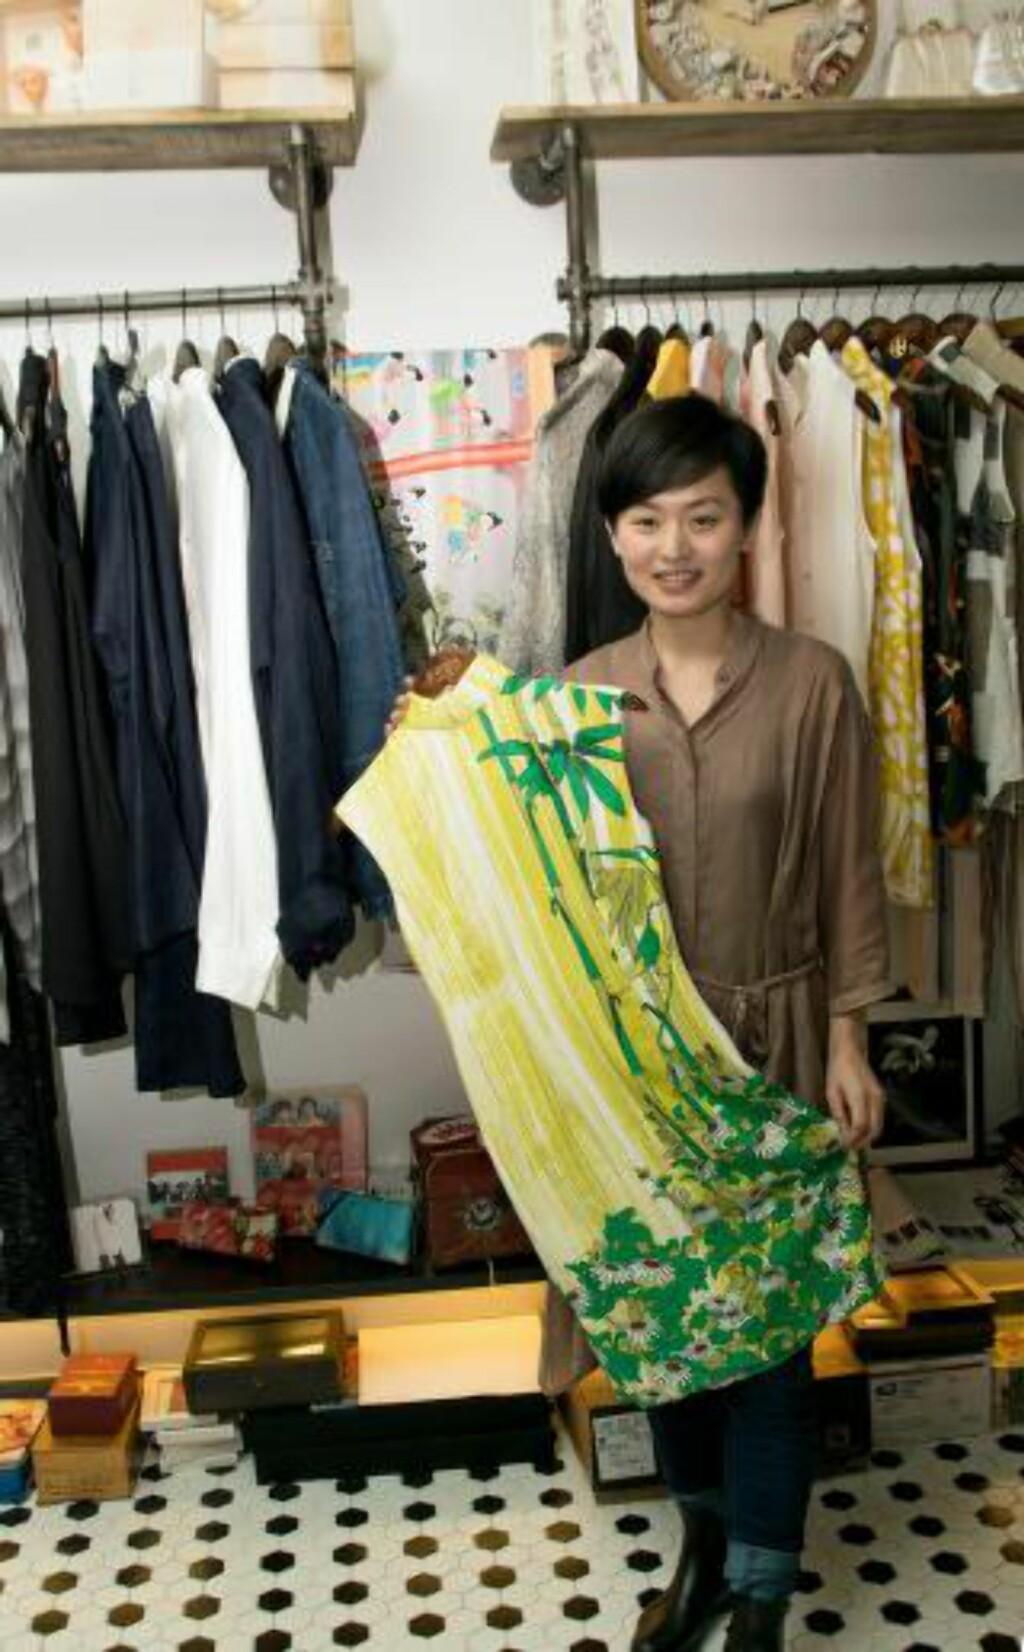 KREATIVE KLÆR: Den unge prisvinnende klesdesigneren Janko Lam, tar elementer fra gamle kinesiske kjoler og gjør dem moderne. Foto: MARI BAREKSTEN